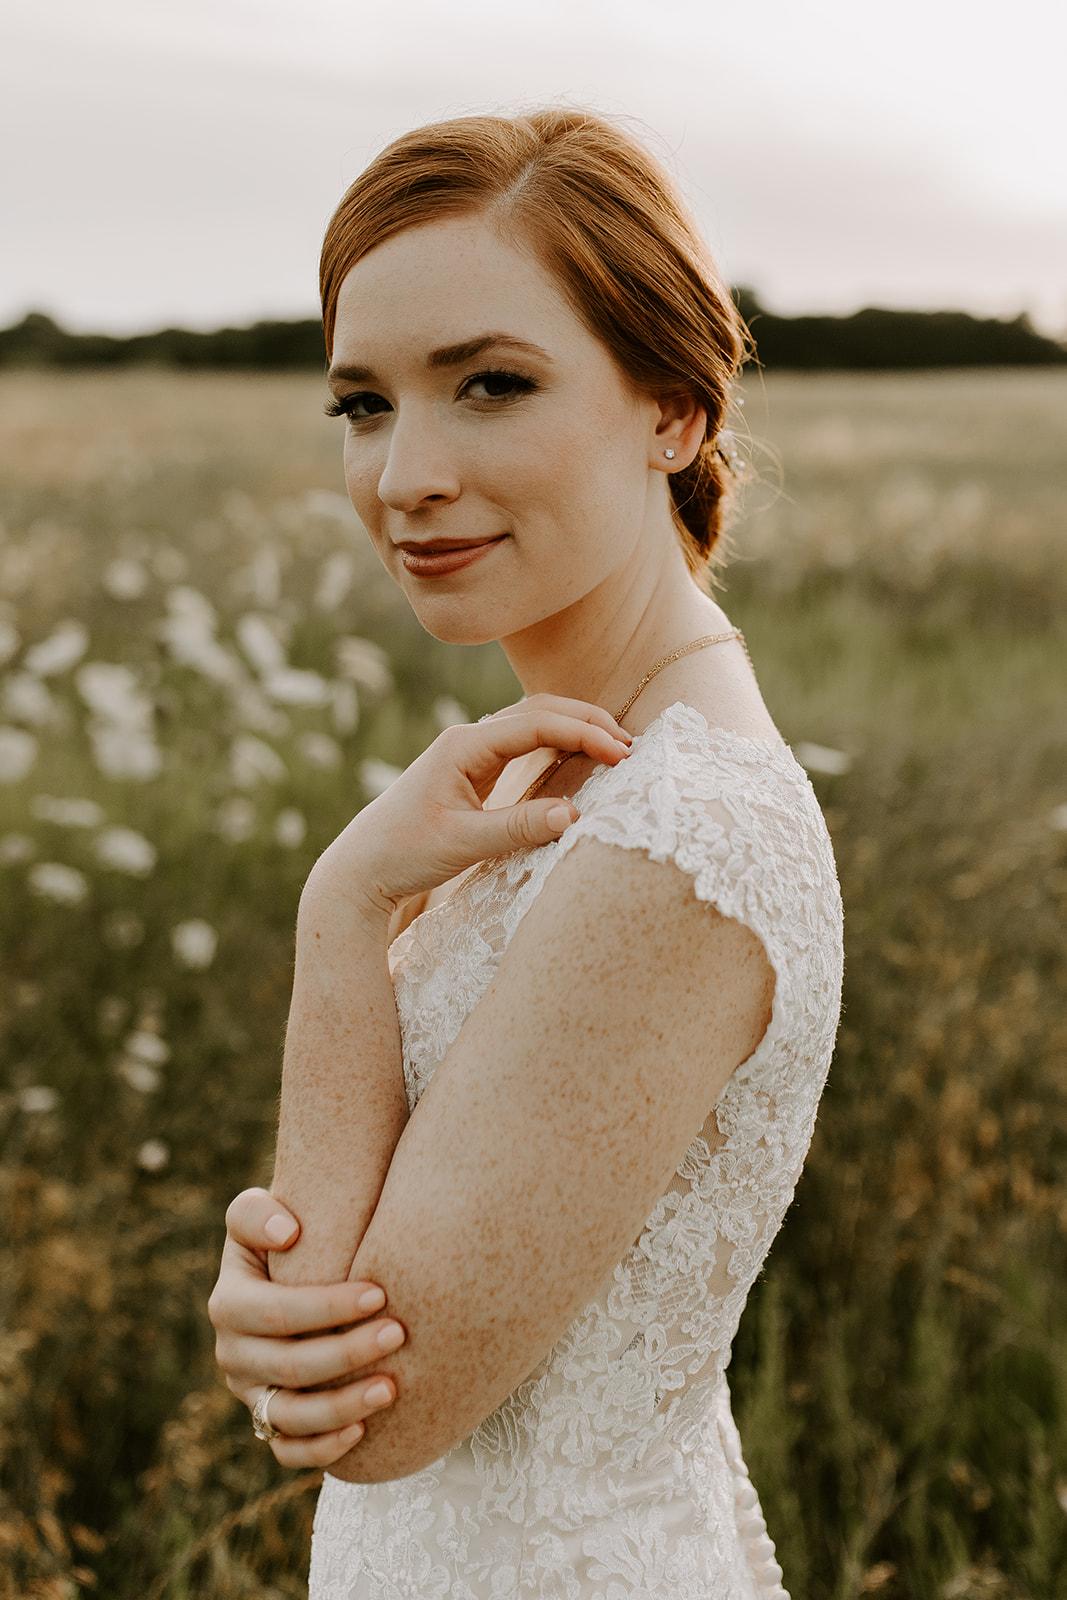 Zoe_Bridals_Portraits-11.jpg